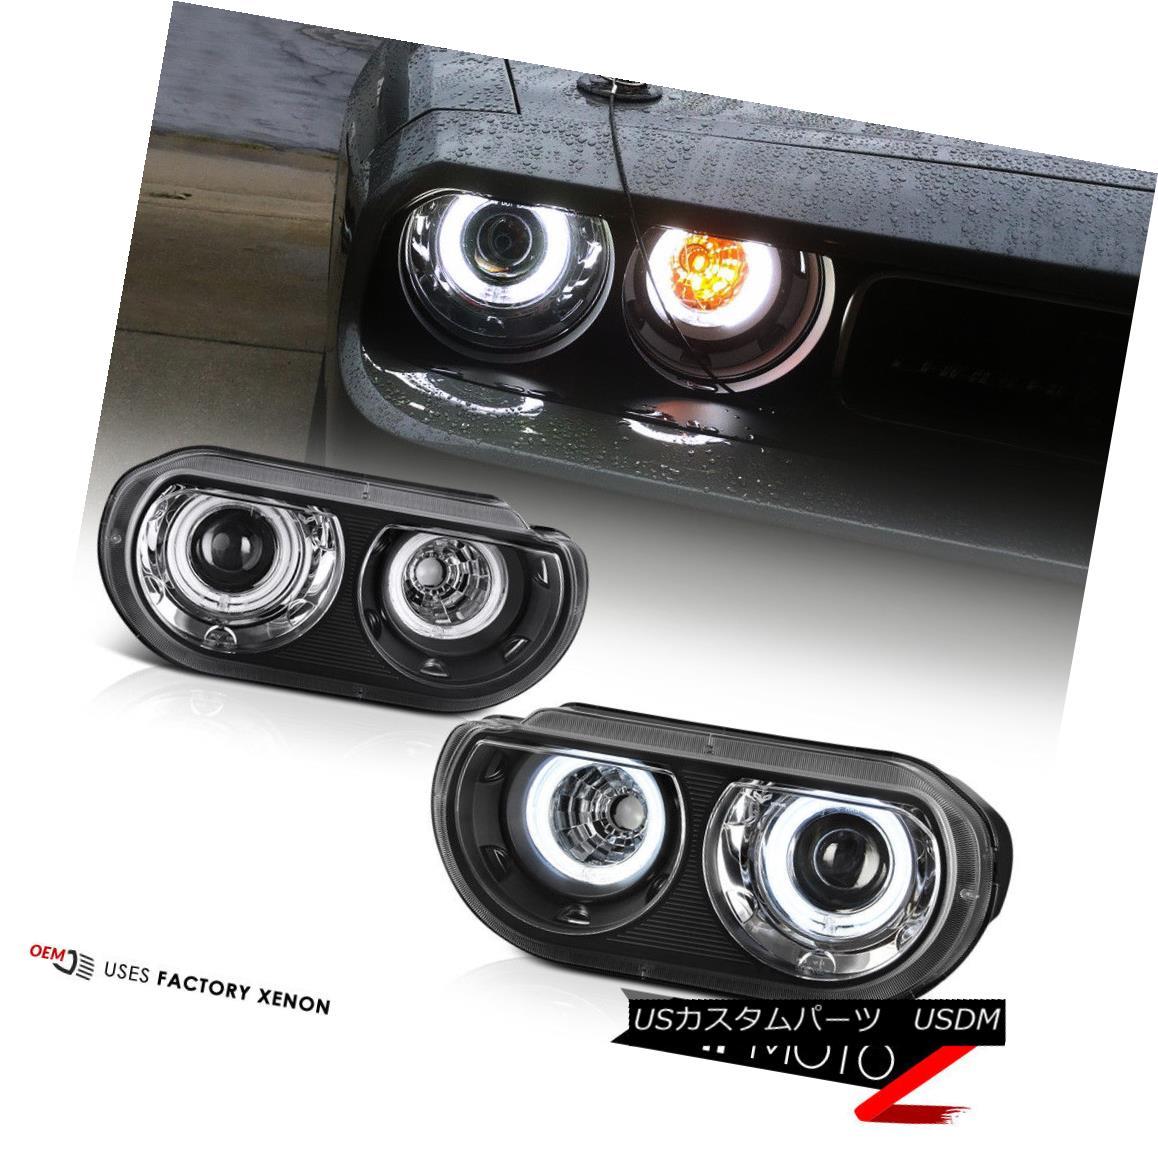 ヘッドライト [For Xenon HID Model] 2008-2014 Dodge Challenger CCFL Halo Black Headlights PAIR [キセノンHIDモデル用] 2008-2014ダッジチャレンジャーCCFLハローブラックヘッドライトペア